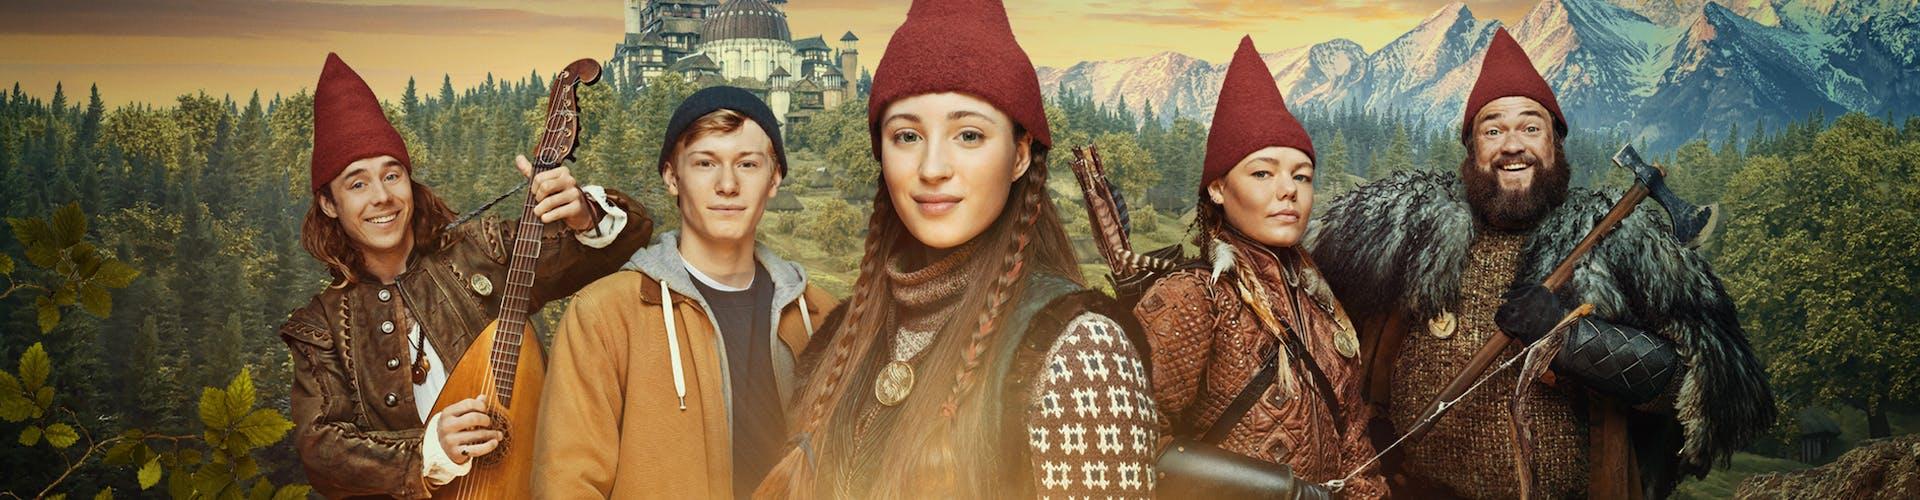 Tinka og kongespillet - Årets store julekalender på TV 2